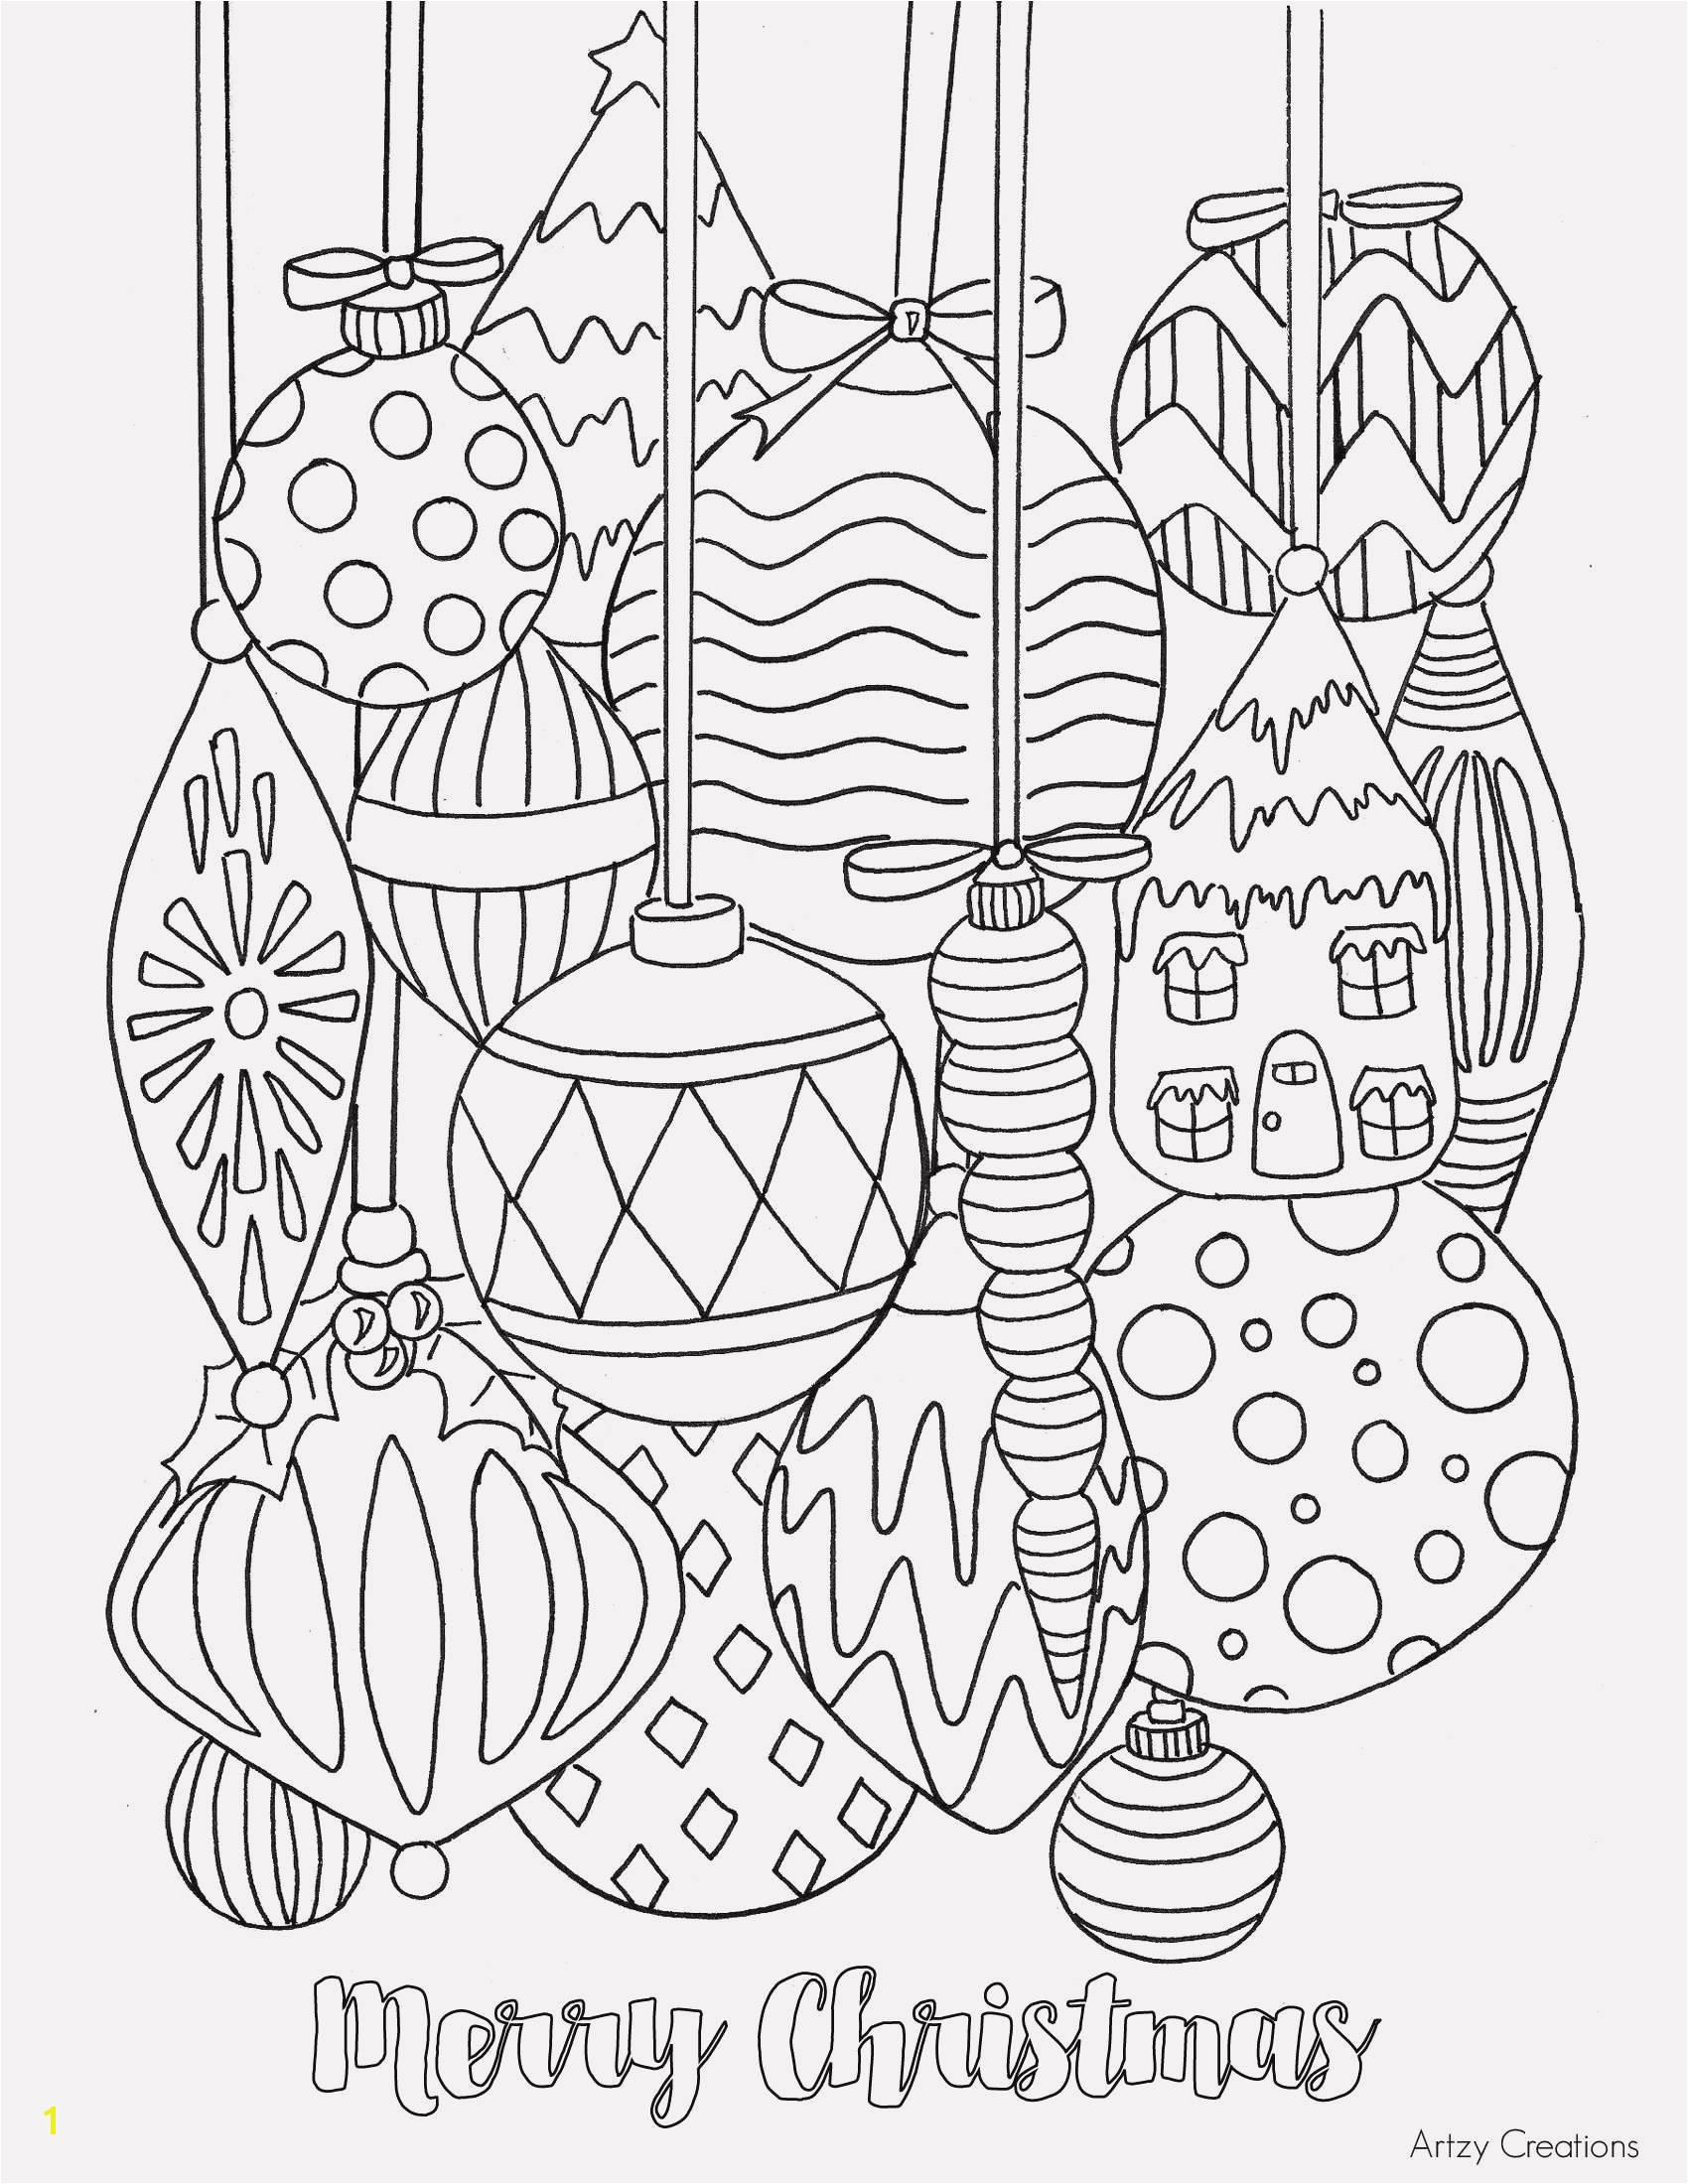 Christmas Coloring Book Pages Unique S S Media Cache Ak0 Pinimg Originals 0d 1d 64 – Fun